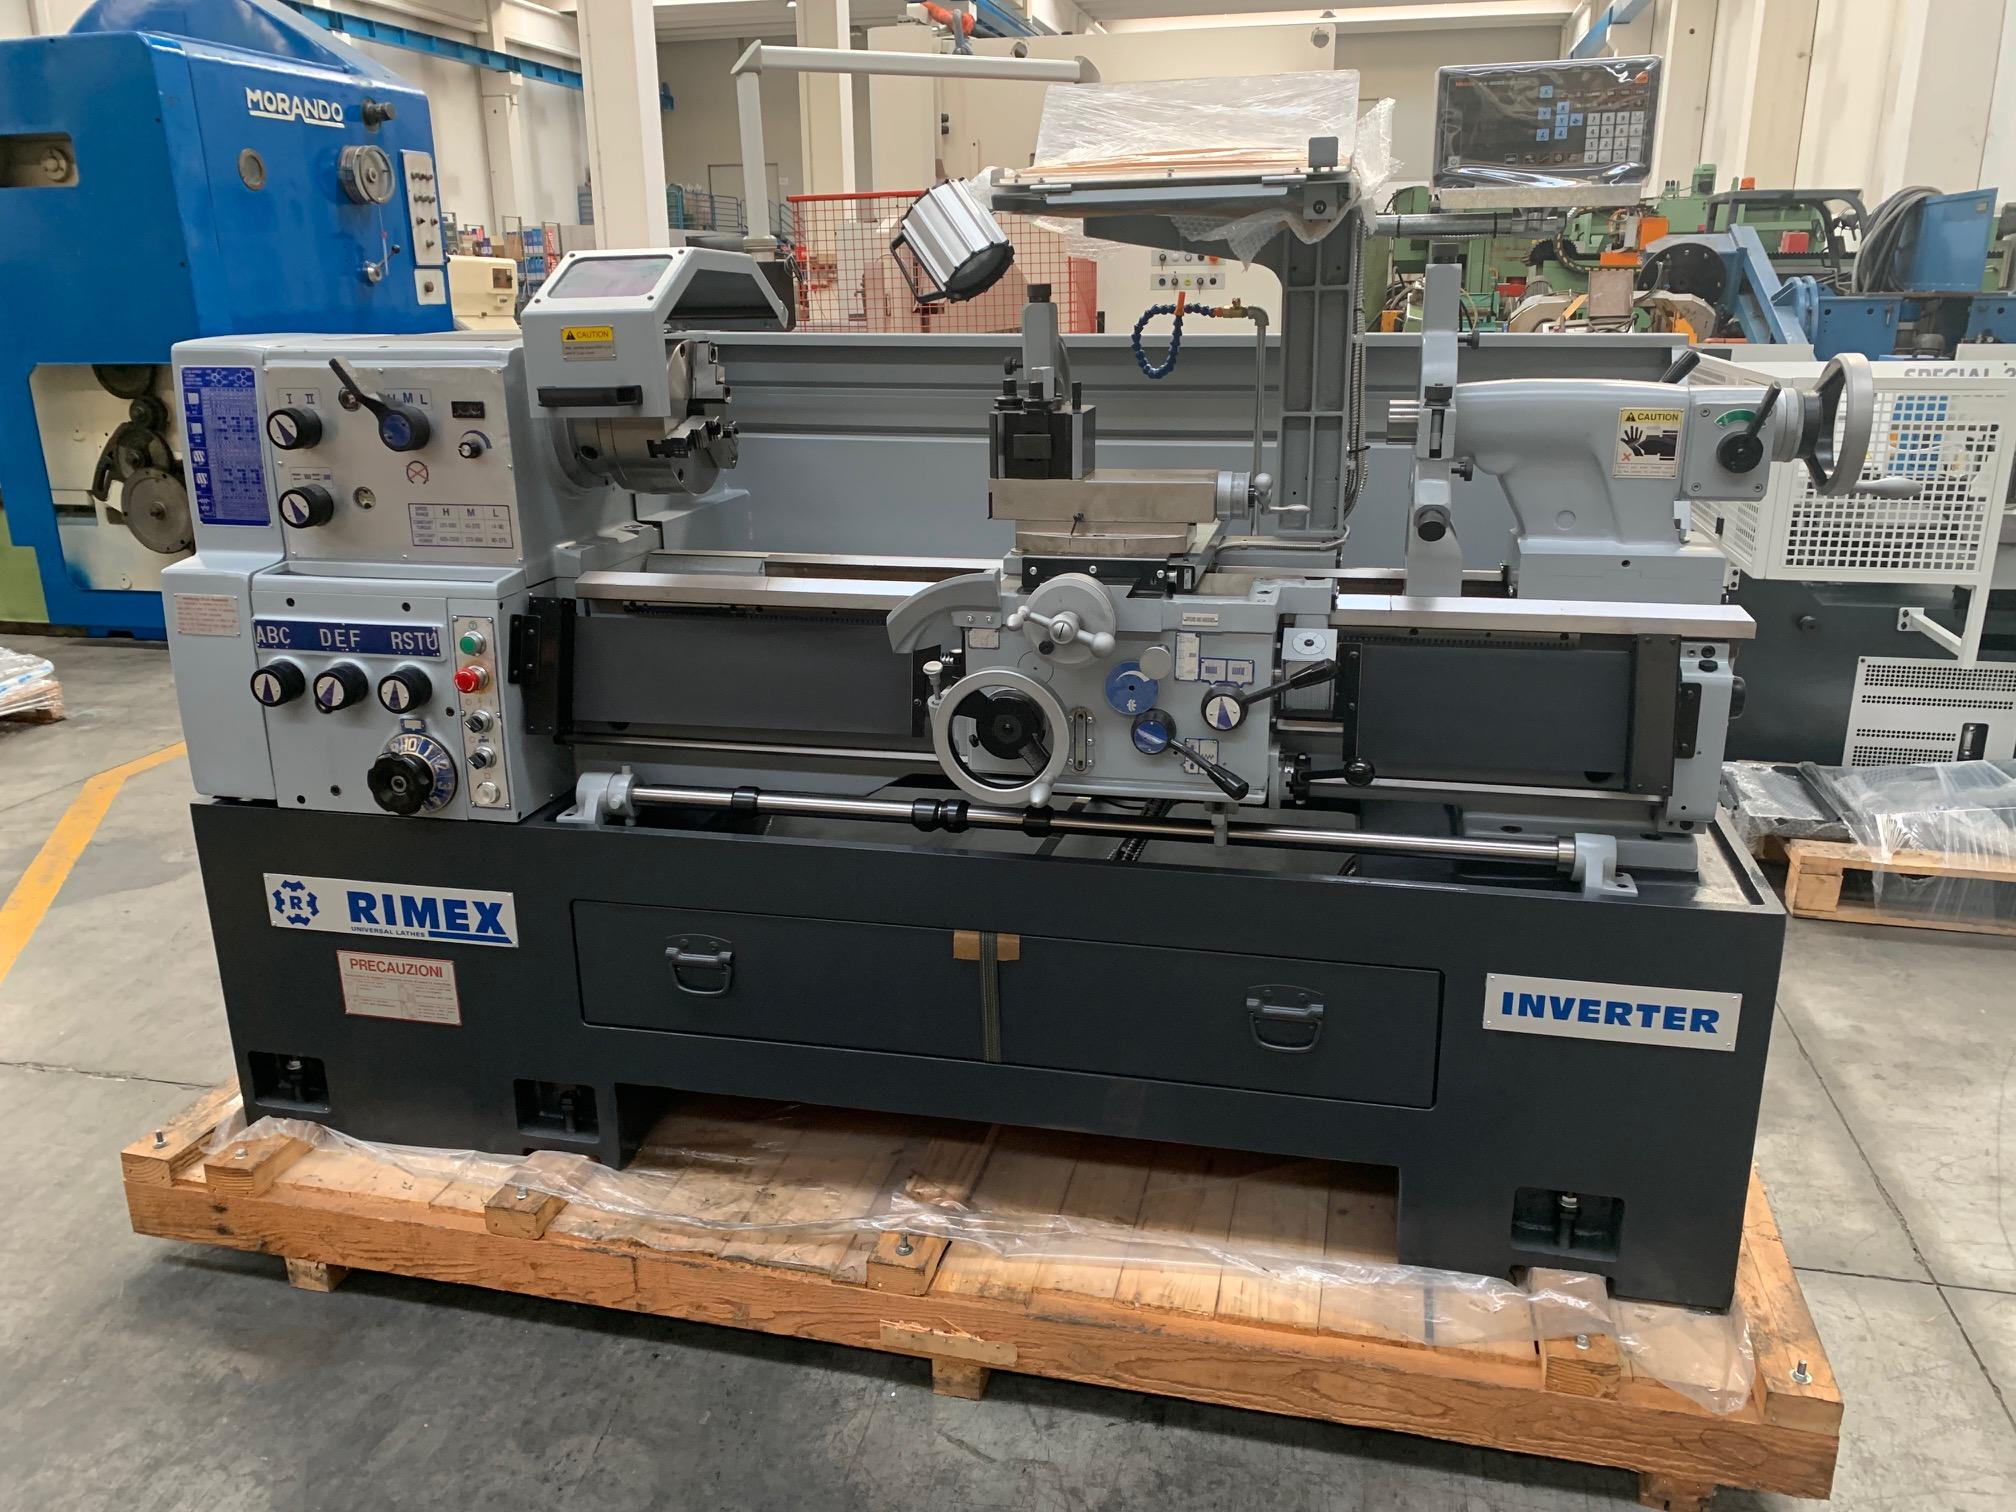 Tornio parallelo RIMEX 230 x 1100 mm in vendita - foto 1